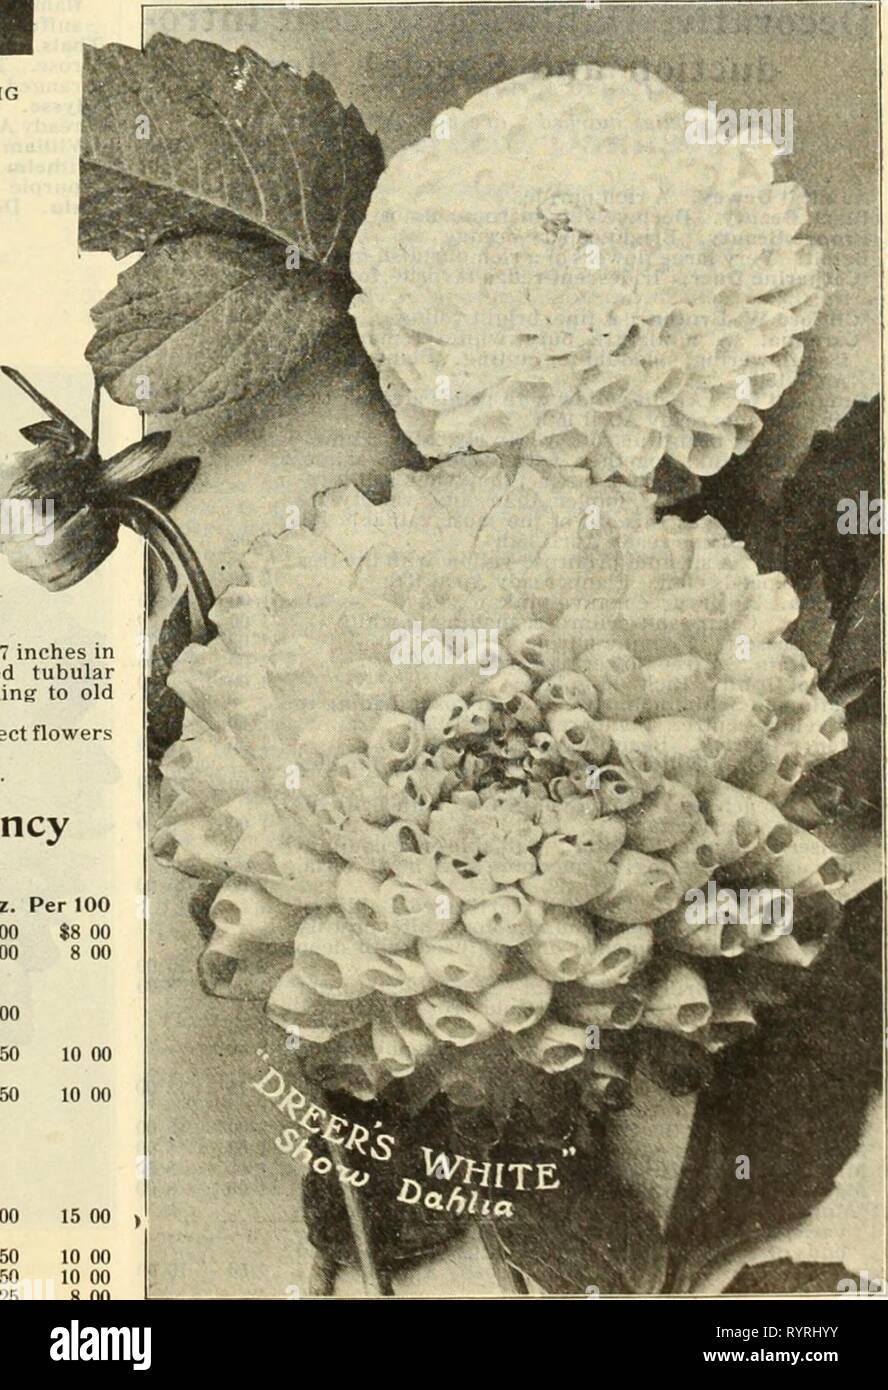 """Dreer all'ingrosso listino prezzi di Dreer all'ingrosso listino prezzi di semi di piante e bulbi per fioristi : fertilizzanti, insetticidi, strumenti e varie . dreerswholesalep1912henr_1 Anno: 1912 Doppio spettacolo e fantasia dalie-continua. Per doz. Per 100 Frank Smith. Intensa maroon ; ogni petalo ribaltato """"bianco tl 50 $10 00 dettysburg. Grandi e luminose, ricche scarlet ..... l 50 10 00 *Orand Duca Alexis. Grandi fiori massiccia, bianco-avorio, con un debole si tinge di rosa alle estremità dei petali 1 50 Hero. Anilina-rosso di buona forma 1 50 Isis (nuovo). Fiore di immense dimensioni, arancio-rosso scarlatto soffusa con auto Immagini Stock"""